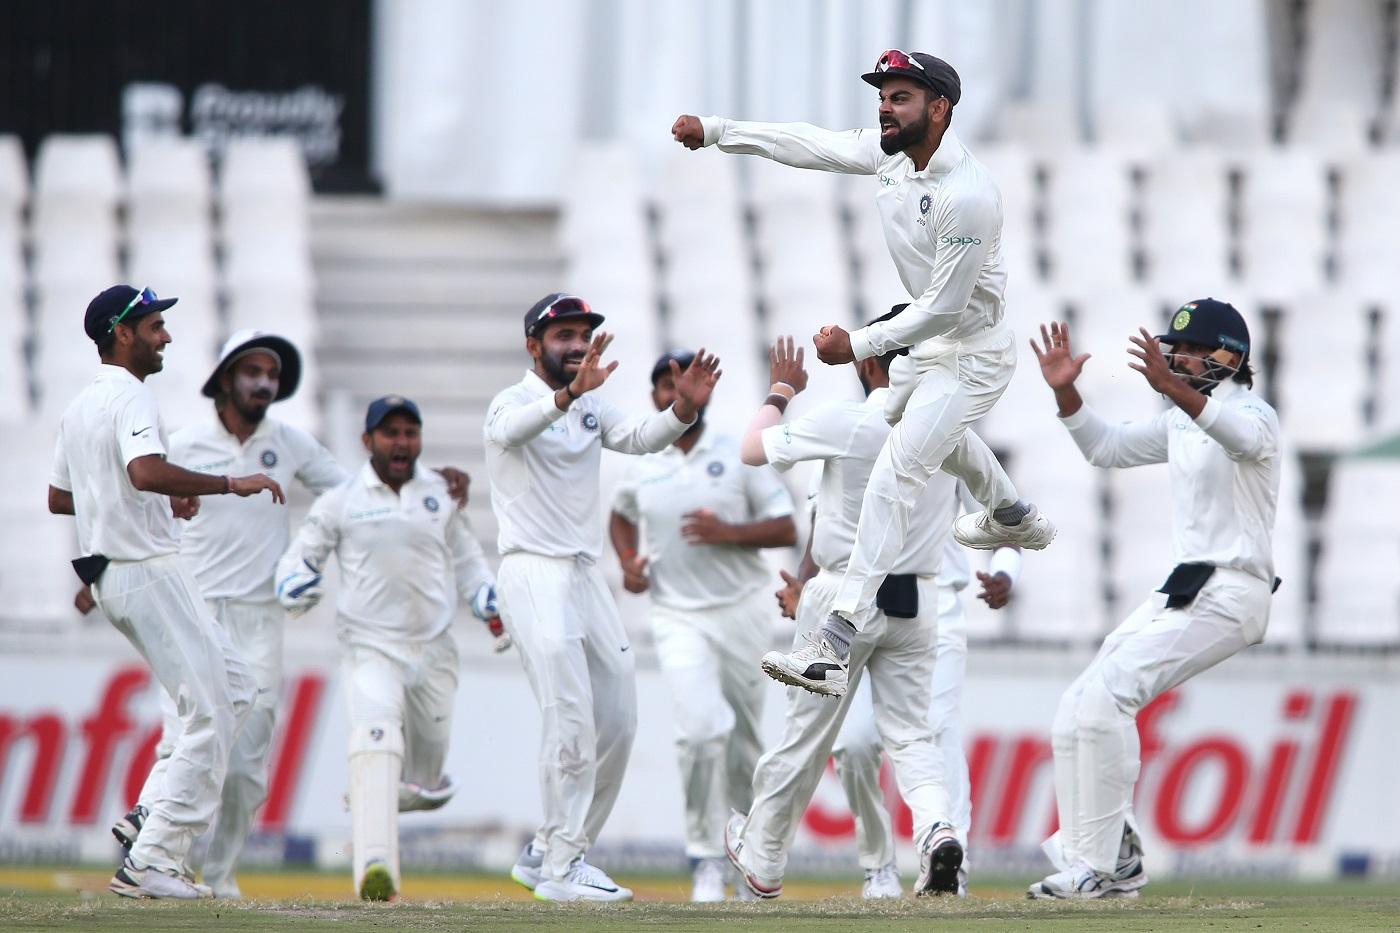 শচীন তেন্ডুলকর জানালেন ইংল্যান্ডই করবে ভারতকে টেস্ট সিরিজ জিততে সাহায্য 3